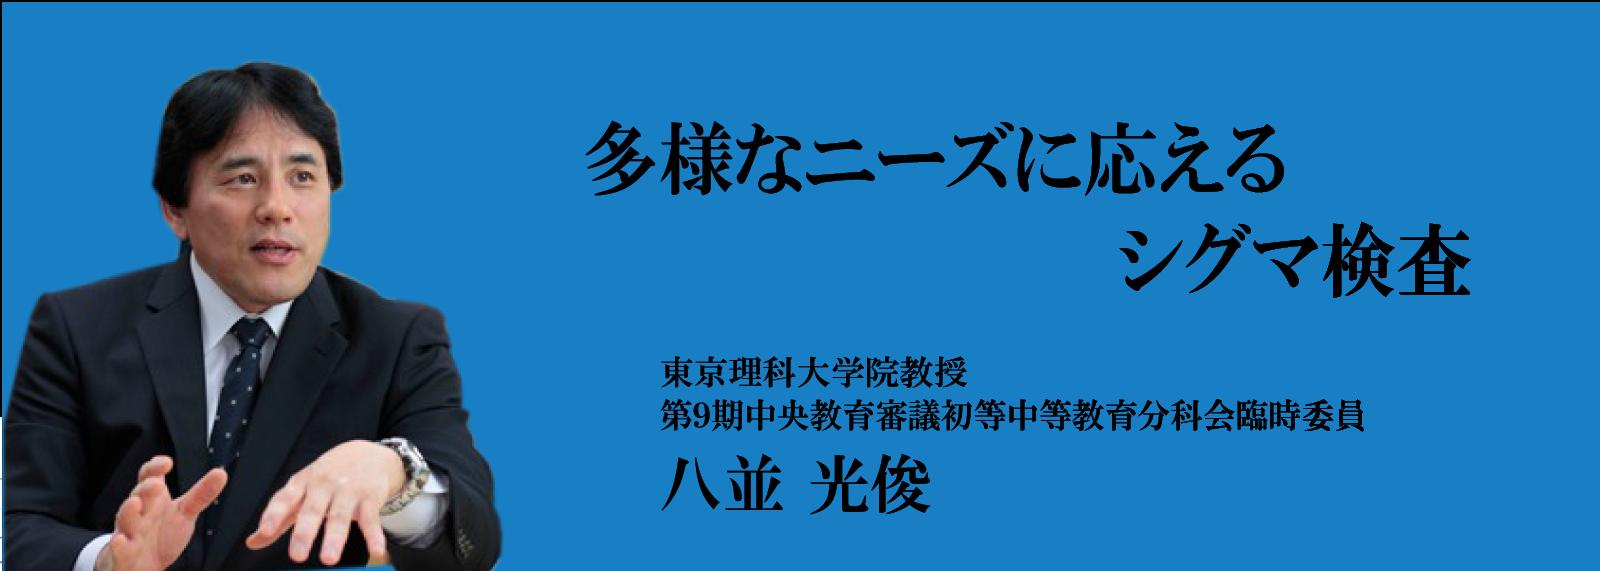 監修者より | 西日本心理テスト...